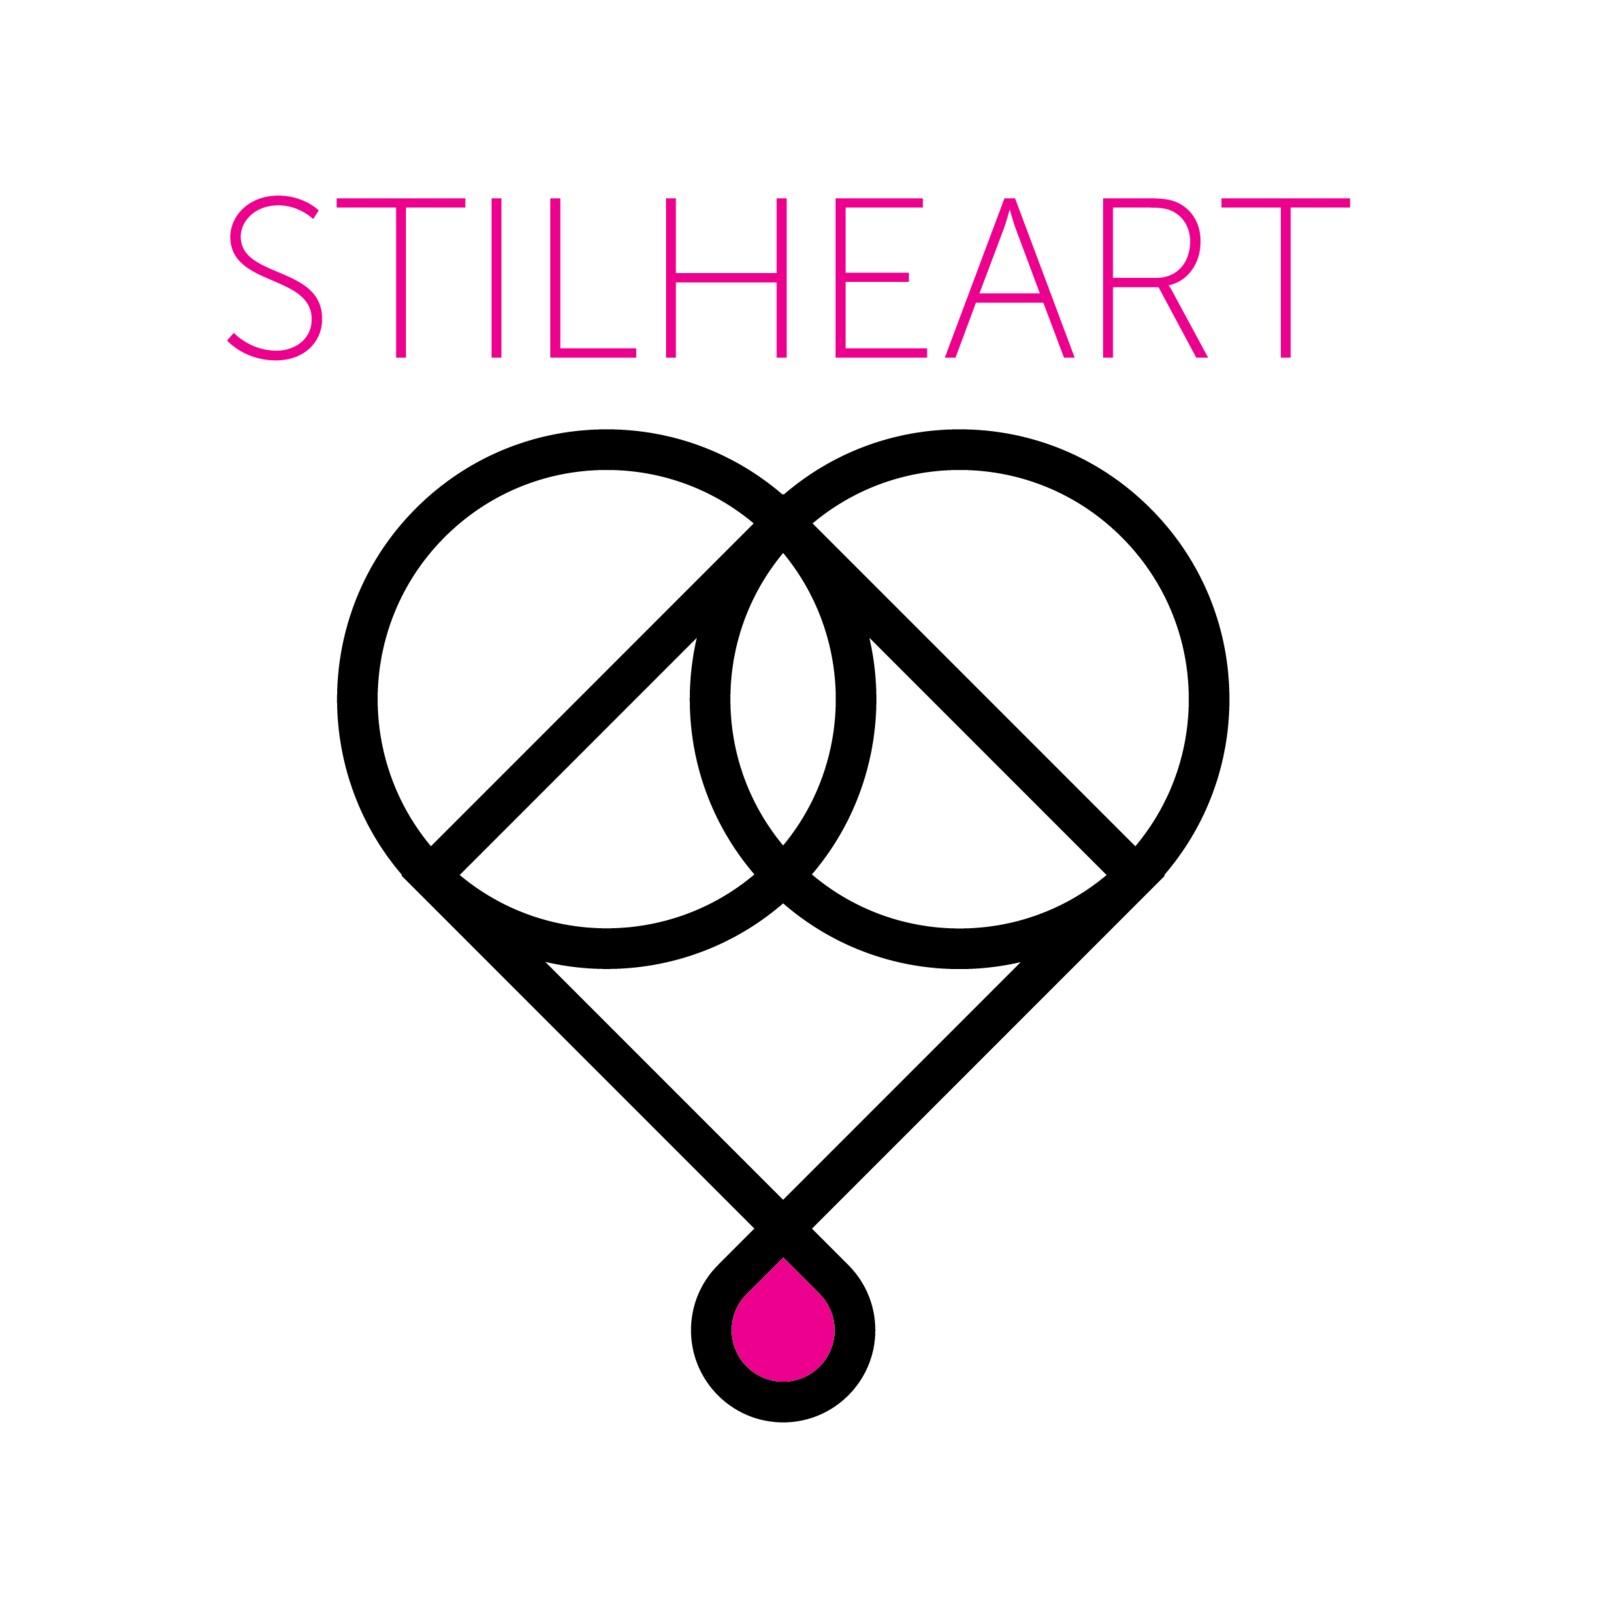 Stilheart+LOGO.jpg